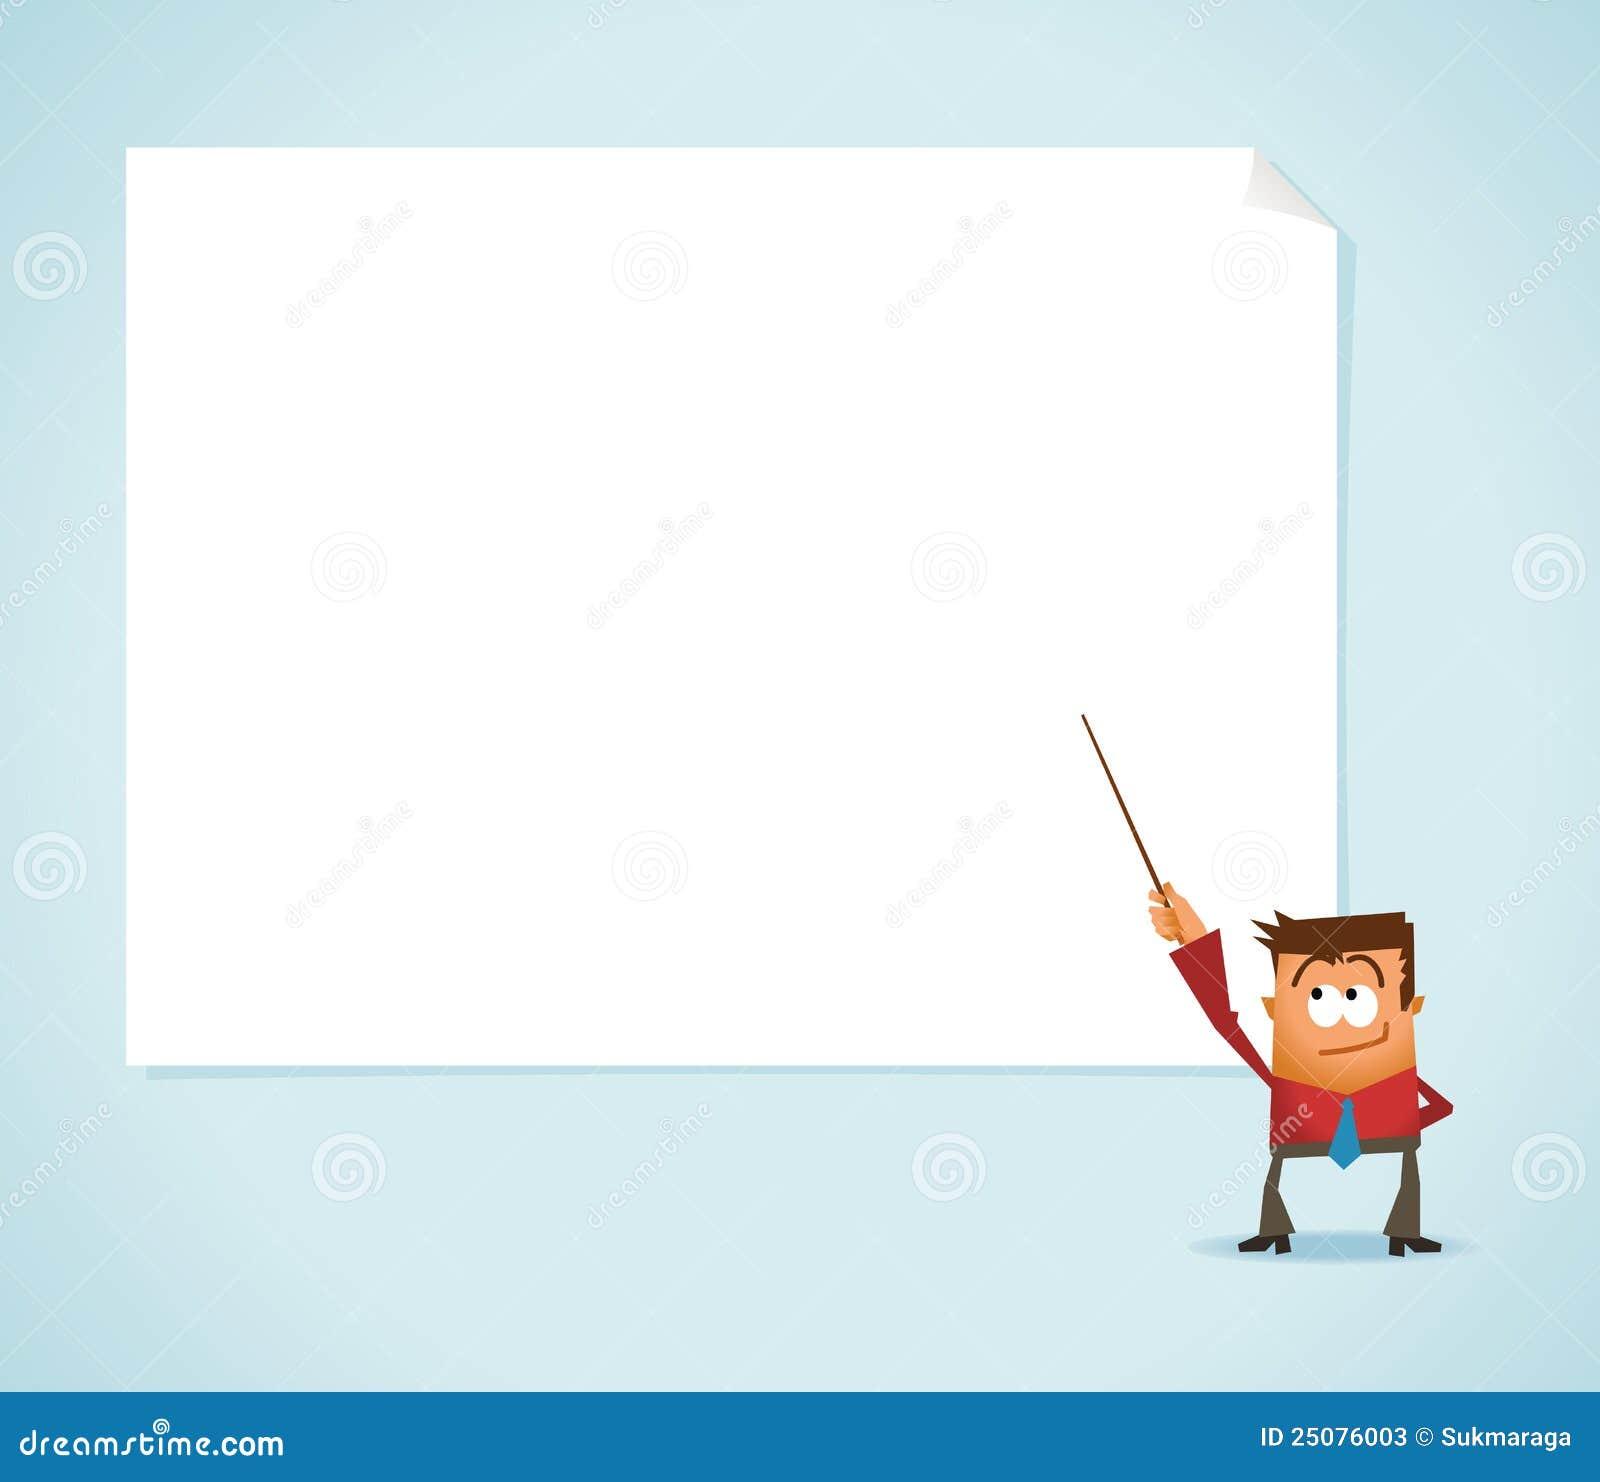 presentation on whiteboard stock vector illustration of expertise